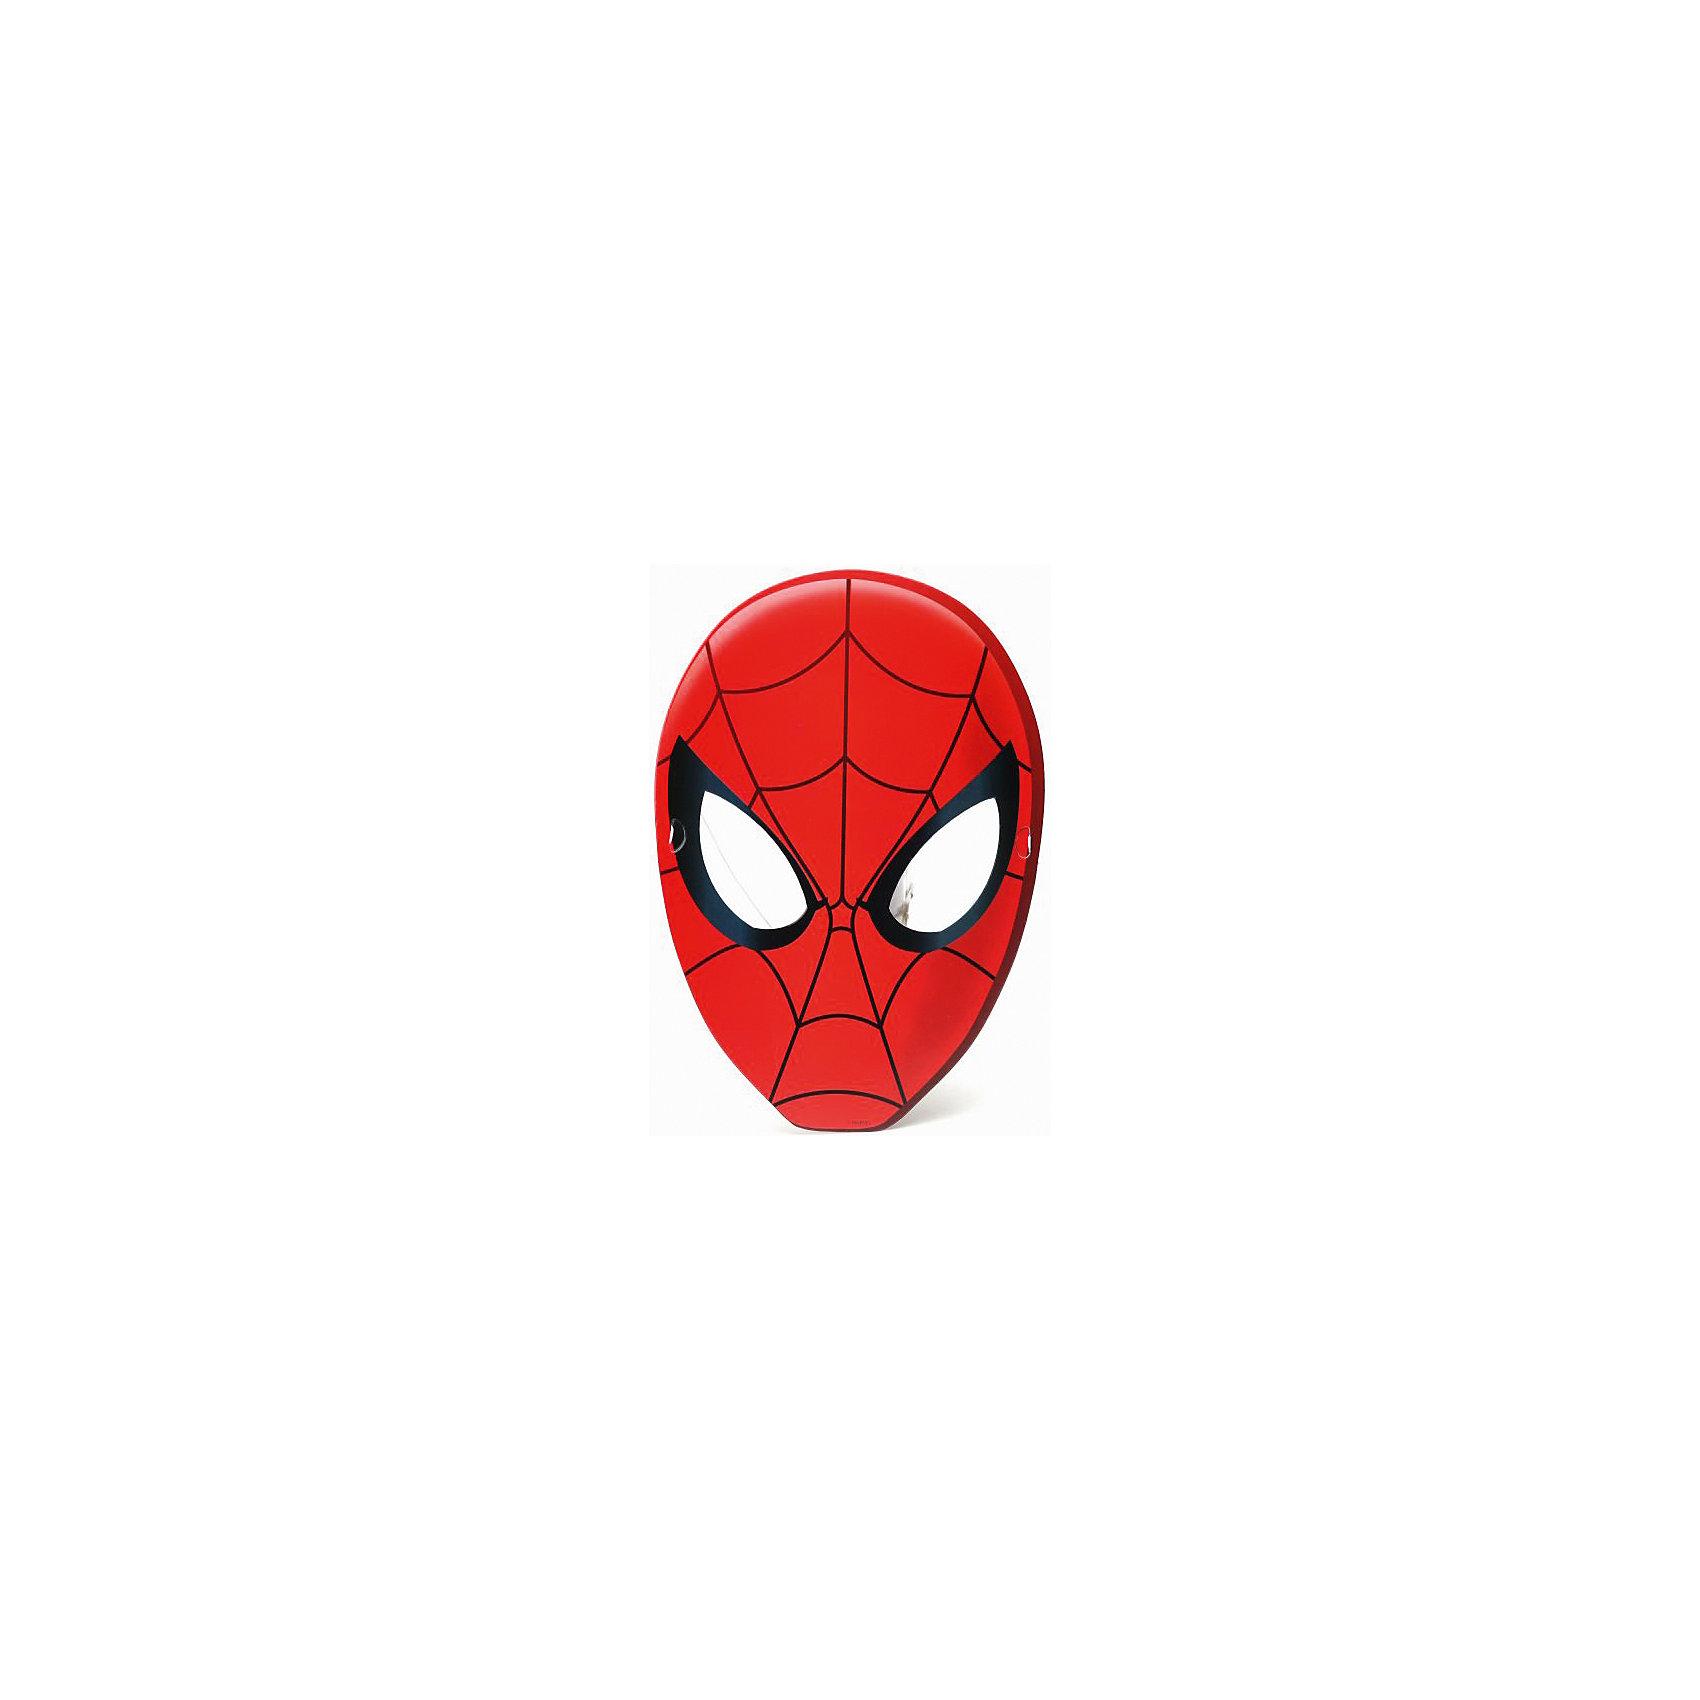 Набор масок Человек-Паук (6 шт)С этим набором масок любой праздник превращается в настоящий карнавал! Позвольте вашему ребенку с легкостью перевоплотиться в любимого героя. <br><br>Дополнительная информация:<br><br>- Материал: бумага.<br>- Размер: 25х33 см.<br>- 6 масок в наборе. <br><br>Набор масок Человек-Паук (6 шт) можно купить в нашем магазине.<br><br>Ширина мм: 80<br>Глубина мм: 300<br>Высота мм: 10<br>Вес г: 60<br>Возраст от месяцев: 36<br>Возраст до месяцев: 72<br>Пол: Мужской<br>Возраст: Детский<br>SKU: 4444332